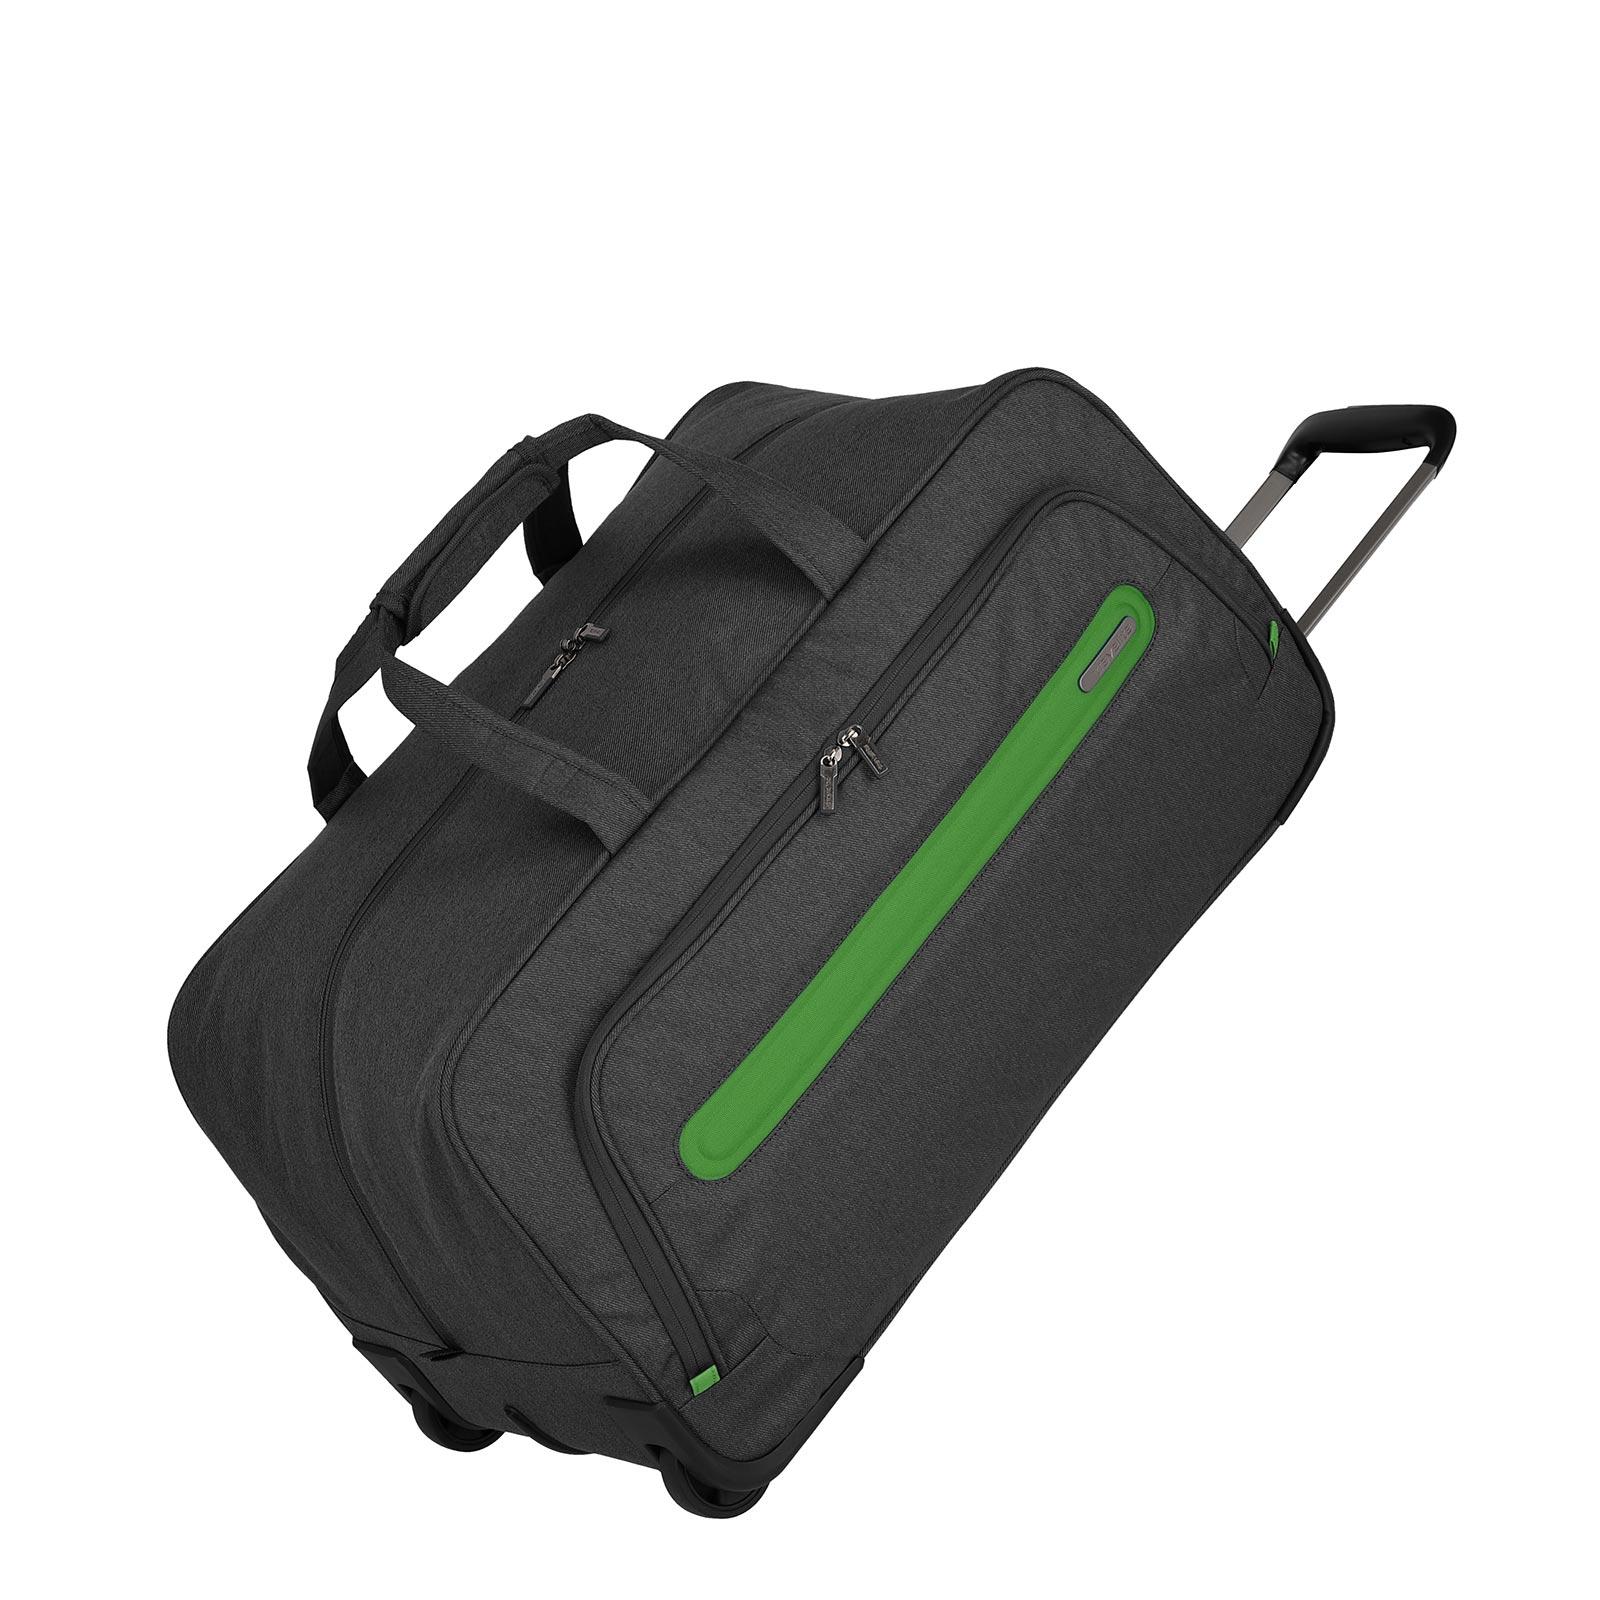 ee882a136c139 Weichgepäck günstig online kaufen